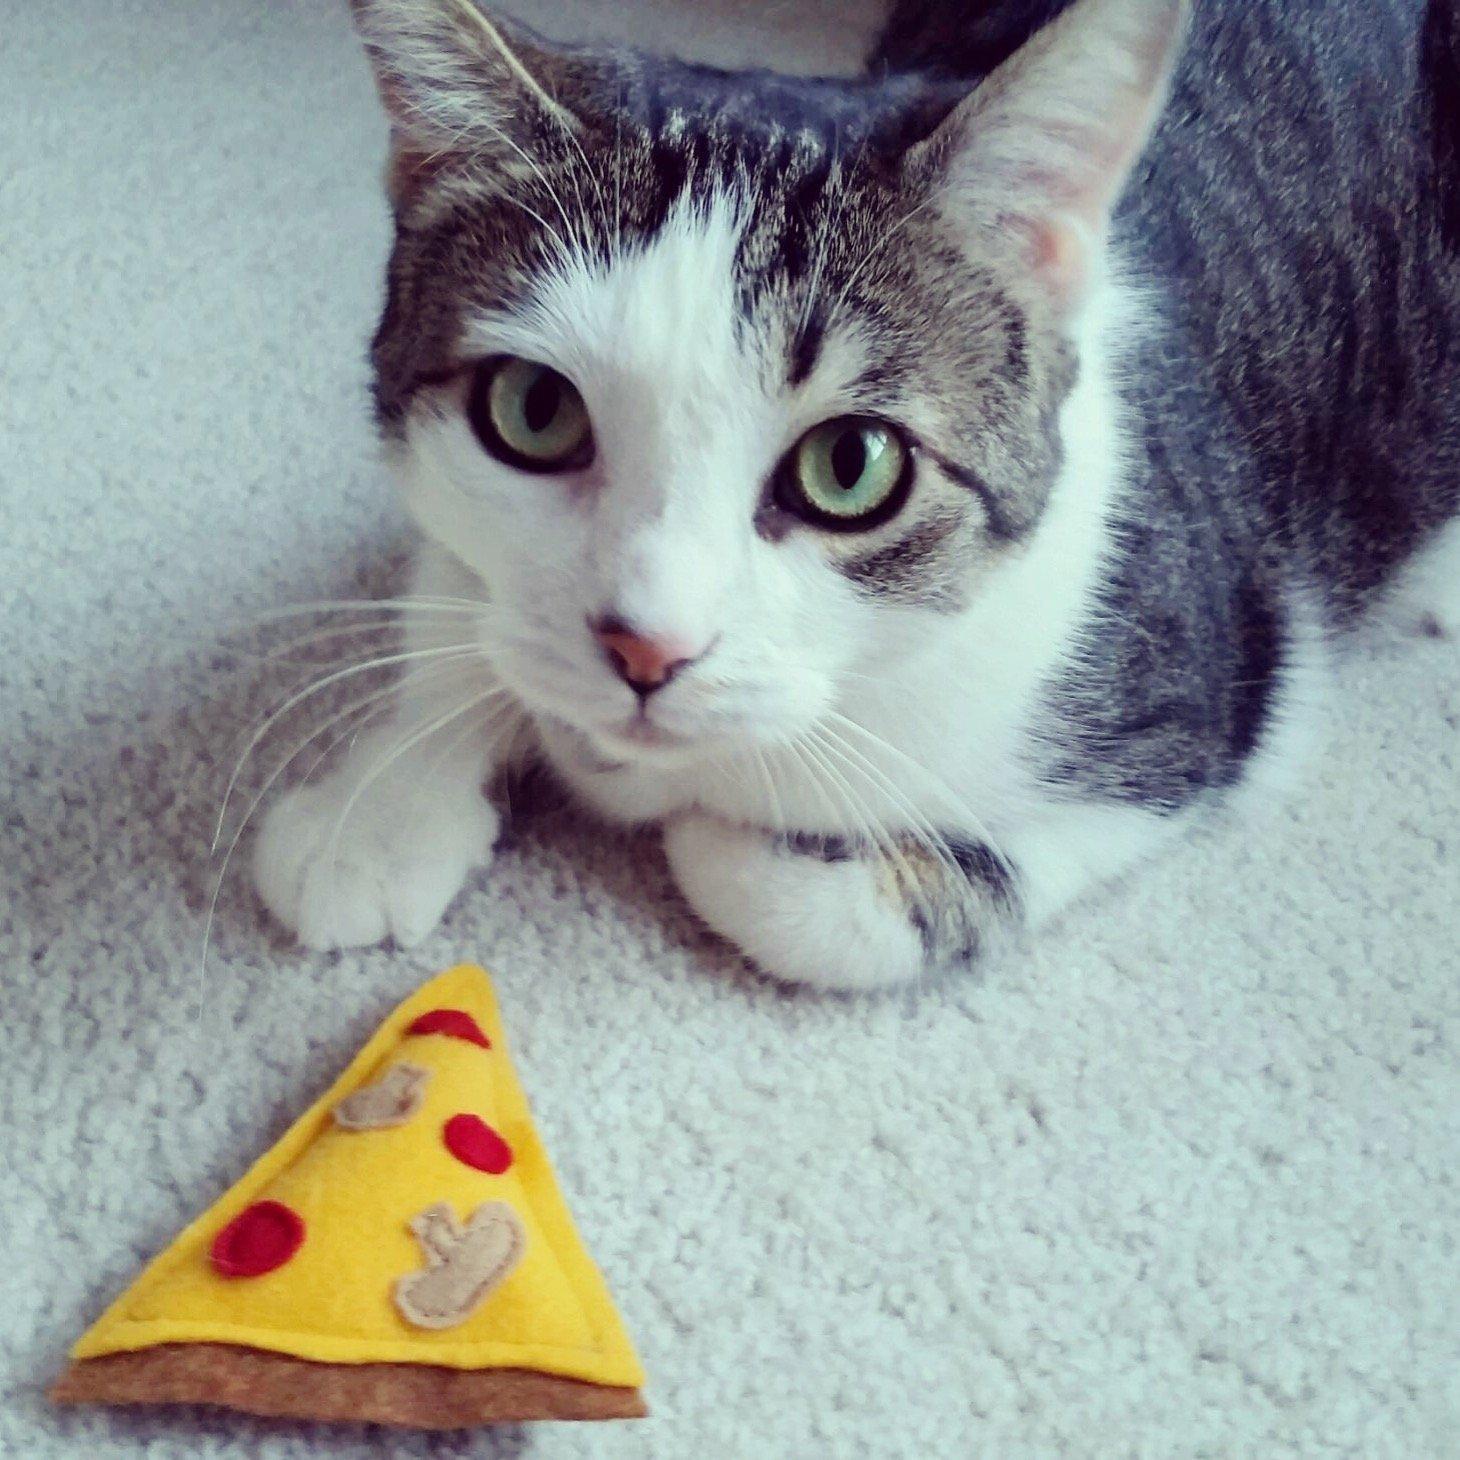 Amazon.com: Deluxe Pizza Slice Organic Catnip Cat Toy: Handmade